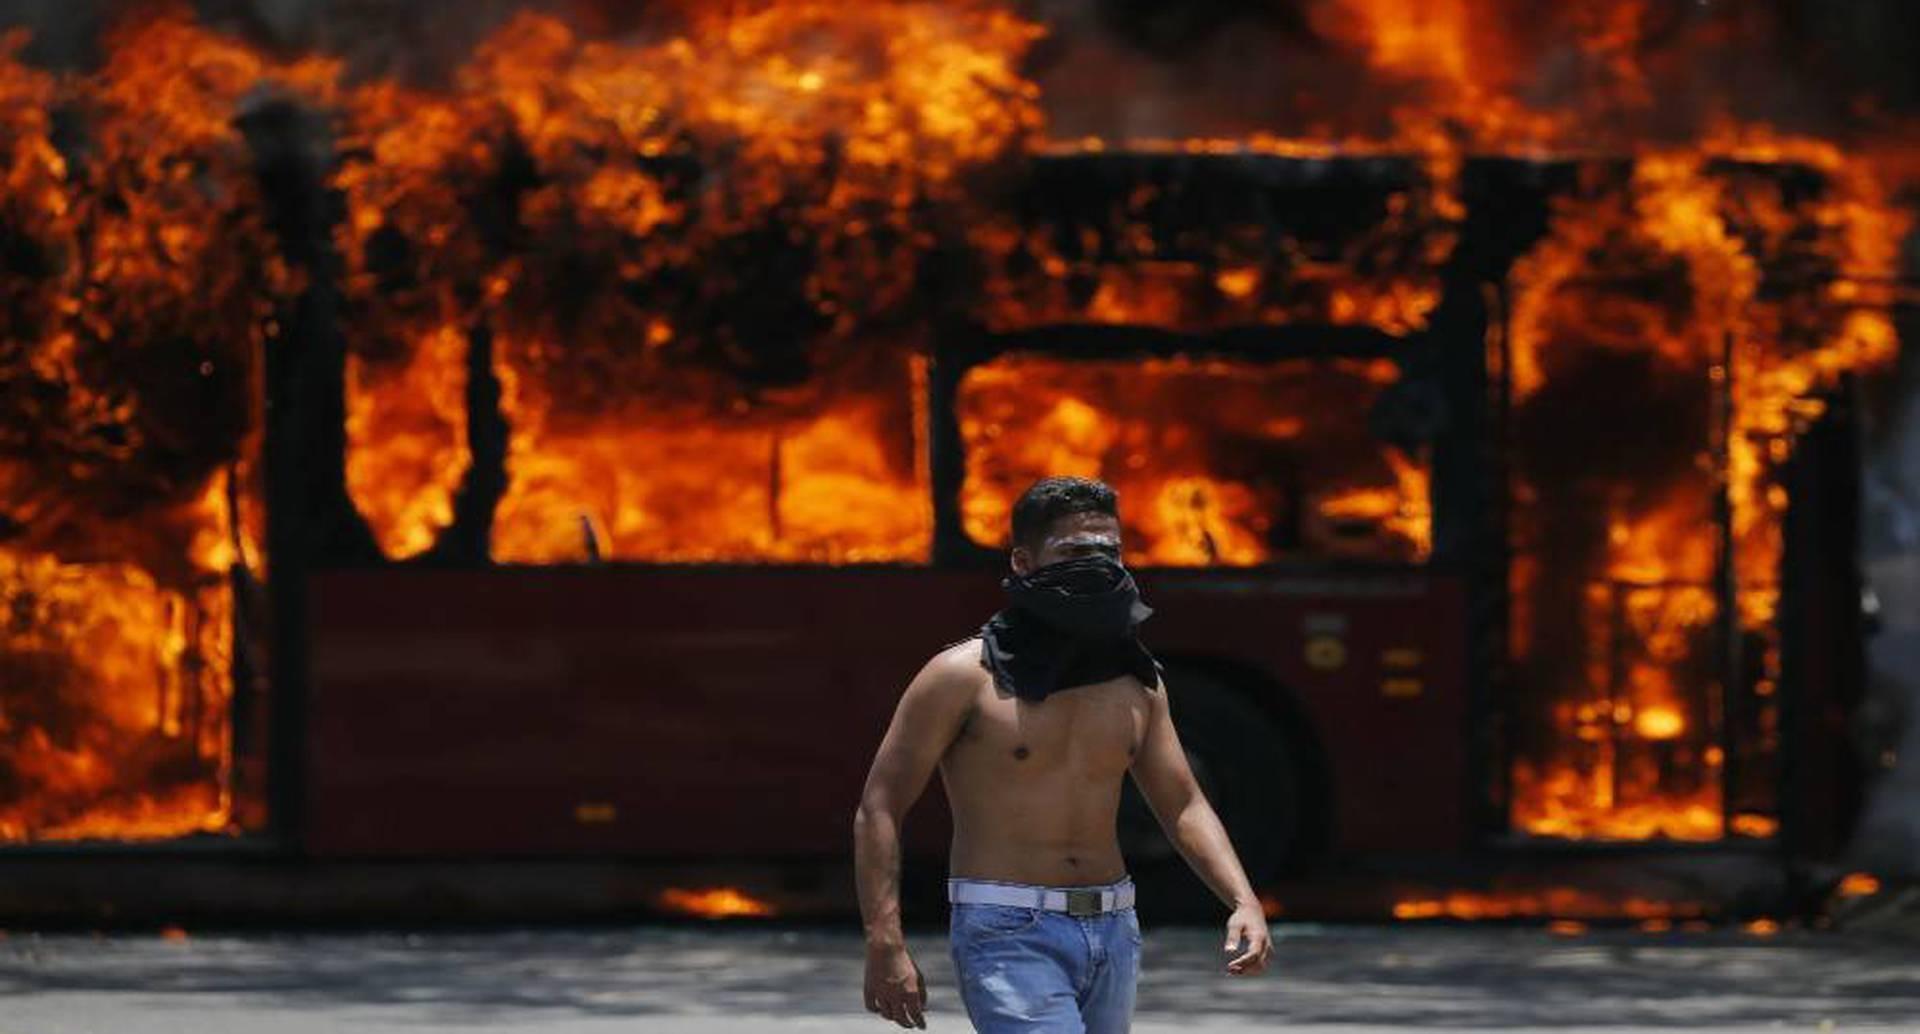 Los encuentros entre chavistas y opositores han desembocado en caos y violencia.